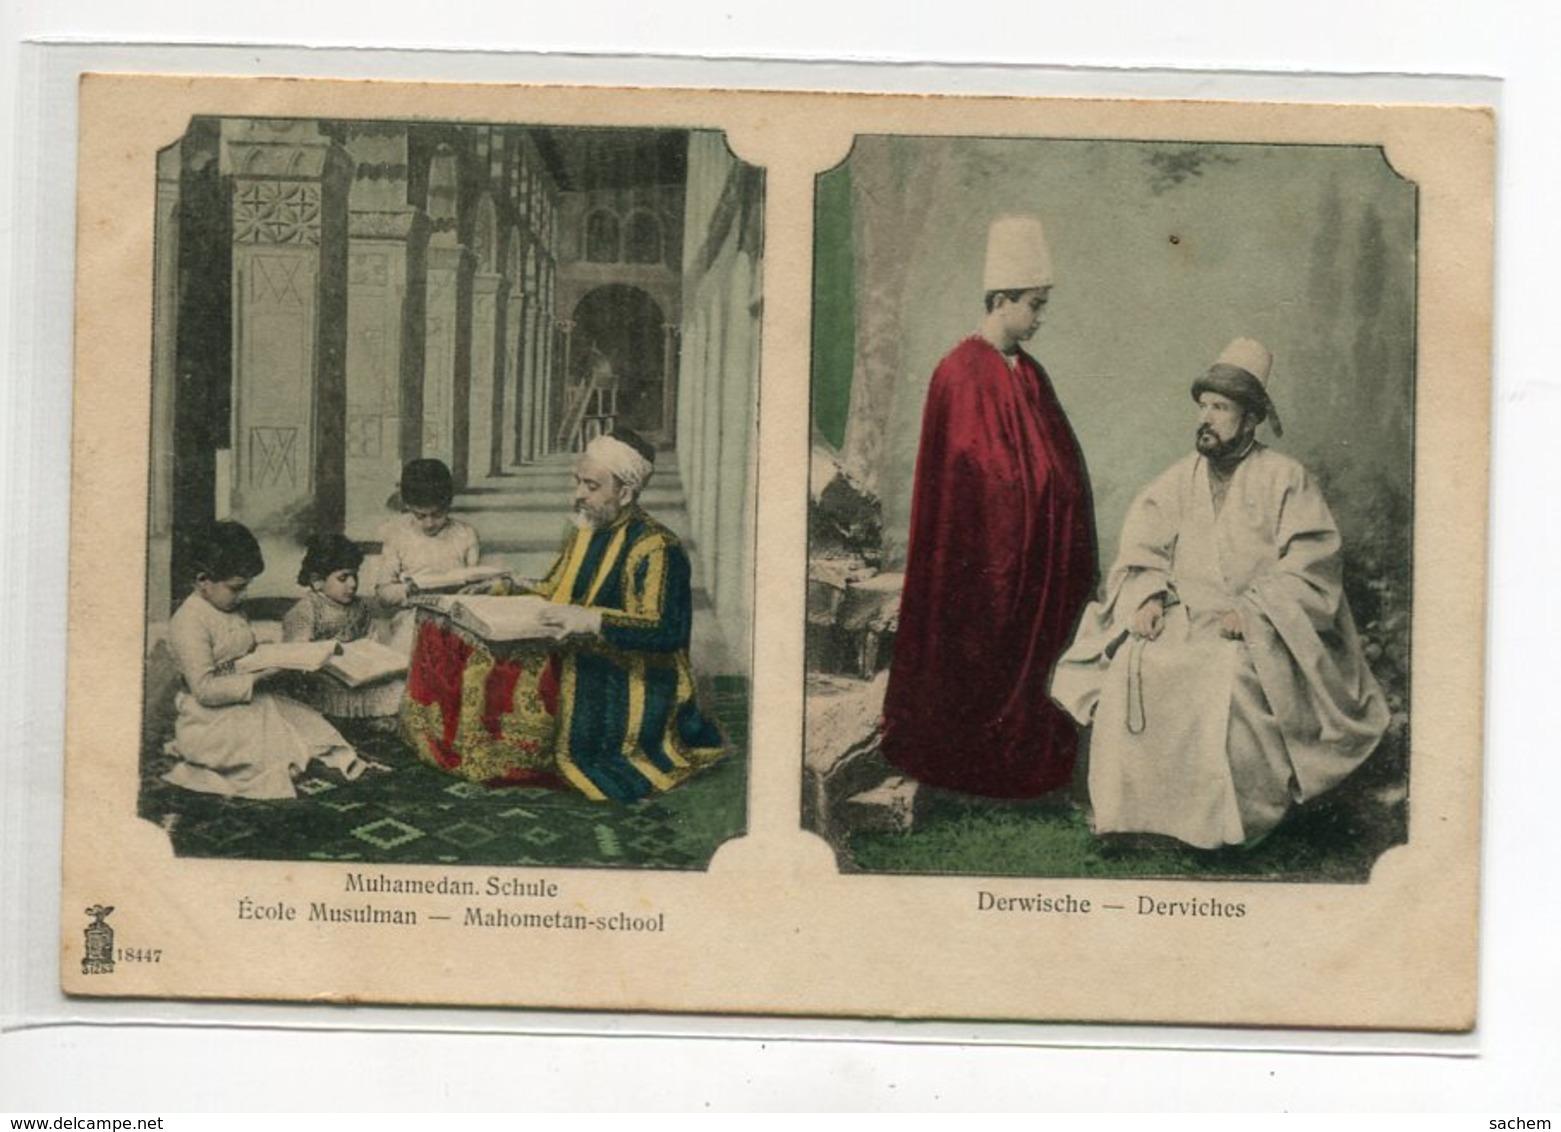 TURQUIE Ecole Mulsulmane Et Derviches Jolie Carte Couleur 1900 Dois Non Divisé   No 18447    D13 2019 - Turquie